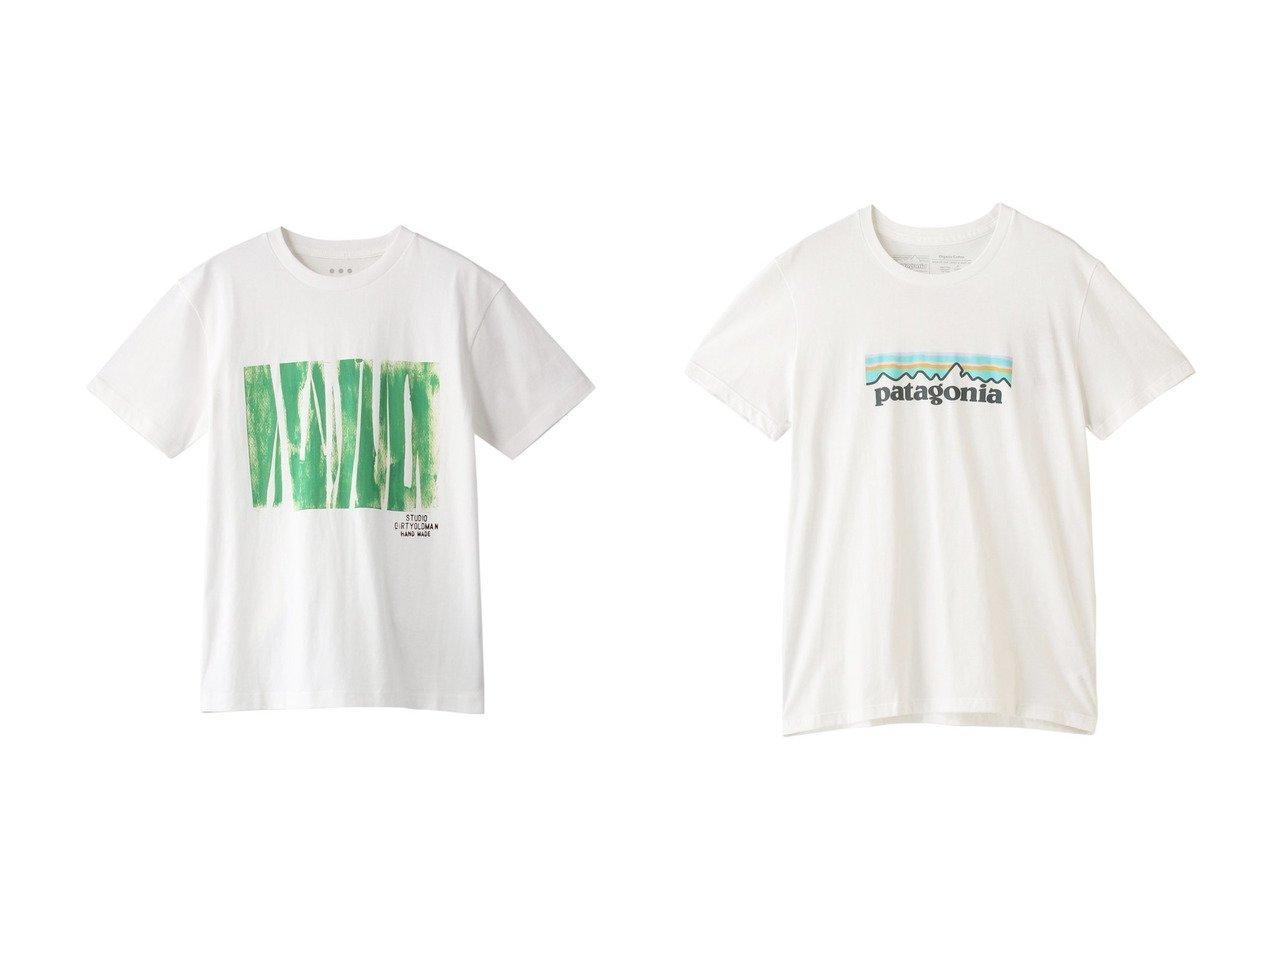 【three dots/スリー ドッツ】のs crewneck Tシャツ&【Patagonia/パタゴニア】のW s パステル P-6 ロゴオーガニッククルーTシャツ 【トップス・カットソー】おすすめ!人気、トレンド・レディースファッションの通販  おすすめで人気の流行・トレンド、ファッションの通販商品 メンズファッション・キッズファッション・インテリア・家具・レディースファッション・服の通販 founy(ファニー) https://founy.com/ ファッション Fashion レディースファッション WOMEN トップス・カットソー Tops/Tshirt シャツ/ブラウス Shirts/Blouses ロング / Tシャツ T-Shirts カットソー Cut and Sewn スポーツウェア Sportswear スポーツ トップス Tops 2021年 2021 2021春夏・S/S SS/Spring/Summer/2021 S/S・春夏 SS・Spring/Summer グラフィック ショート スリーブ プリント 半袖 春 Spring  ID:crp329100000028298